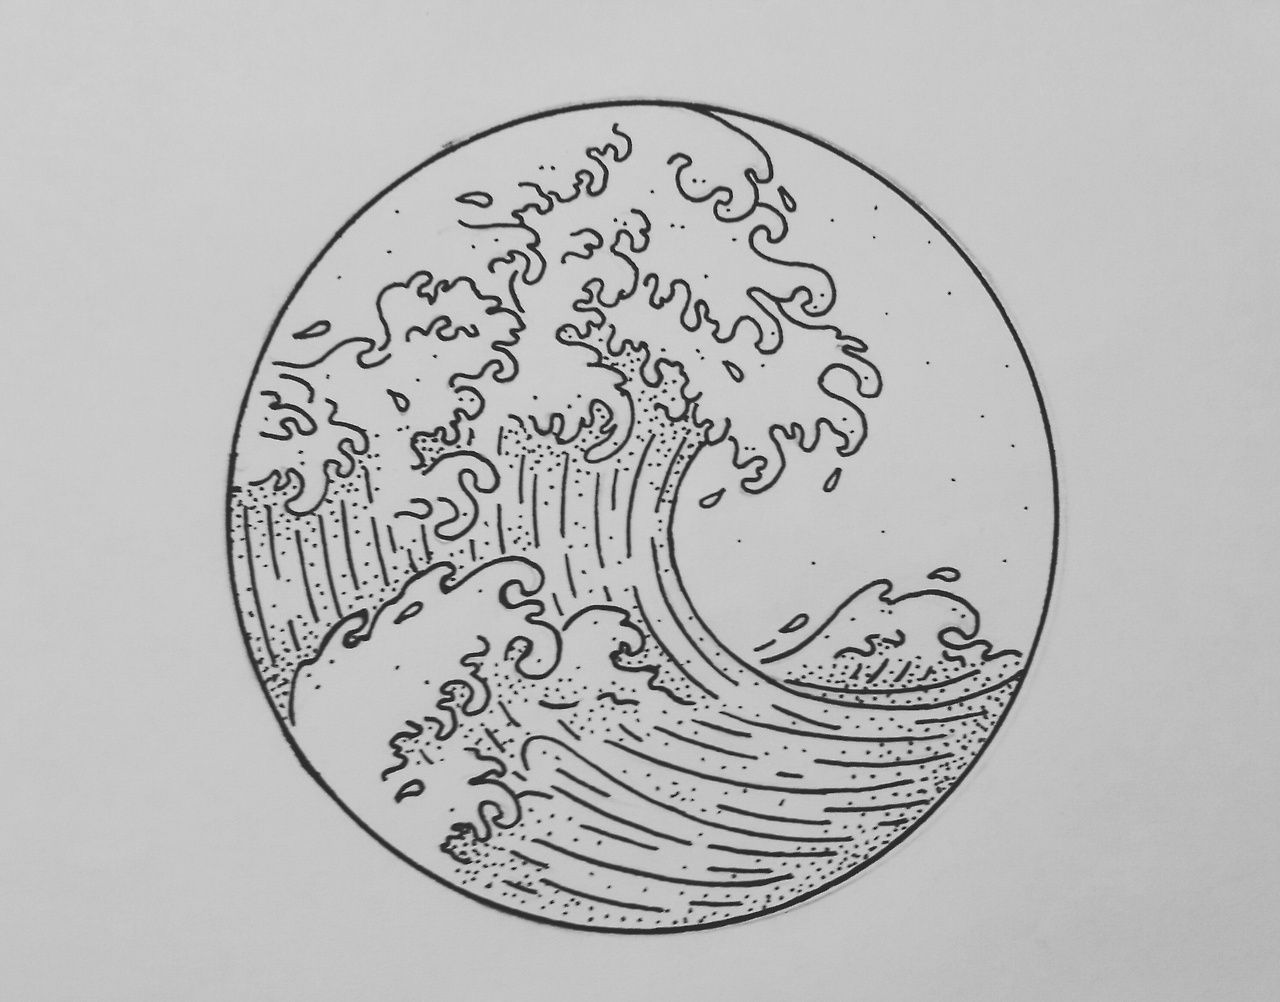 Simple wave sketch | Waves sketch, Easy drawings, Easy ...Waves Drawing Tattoo